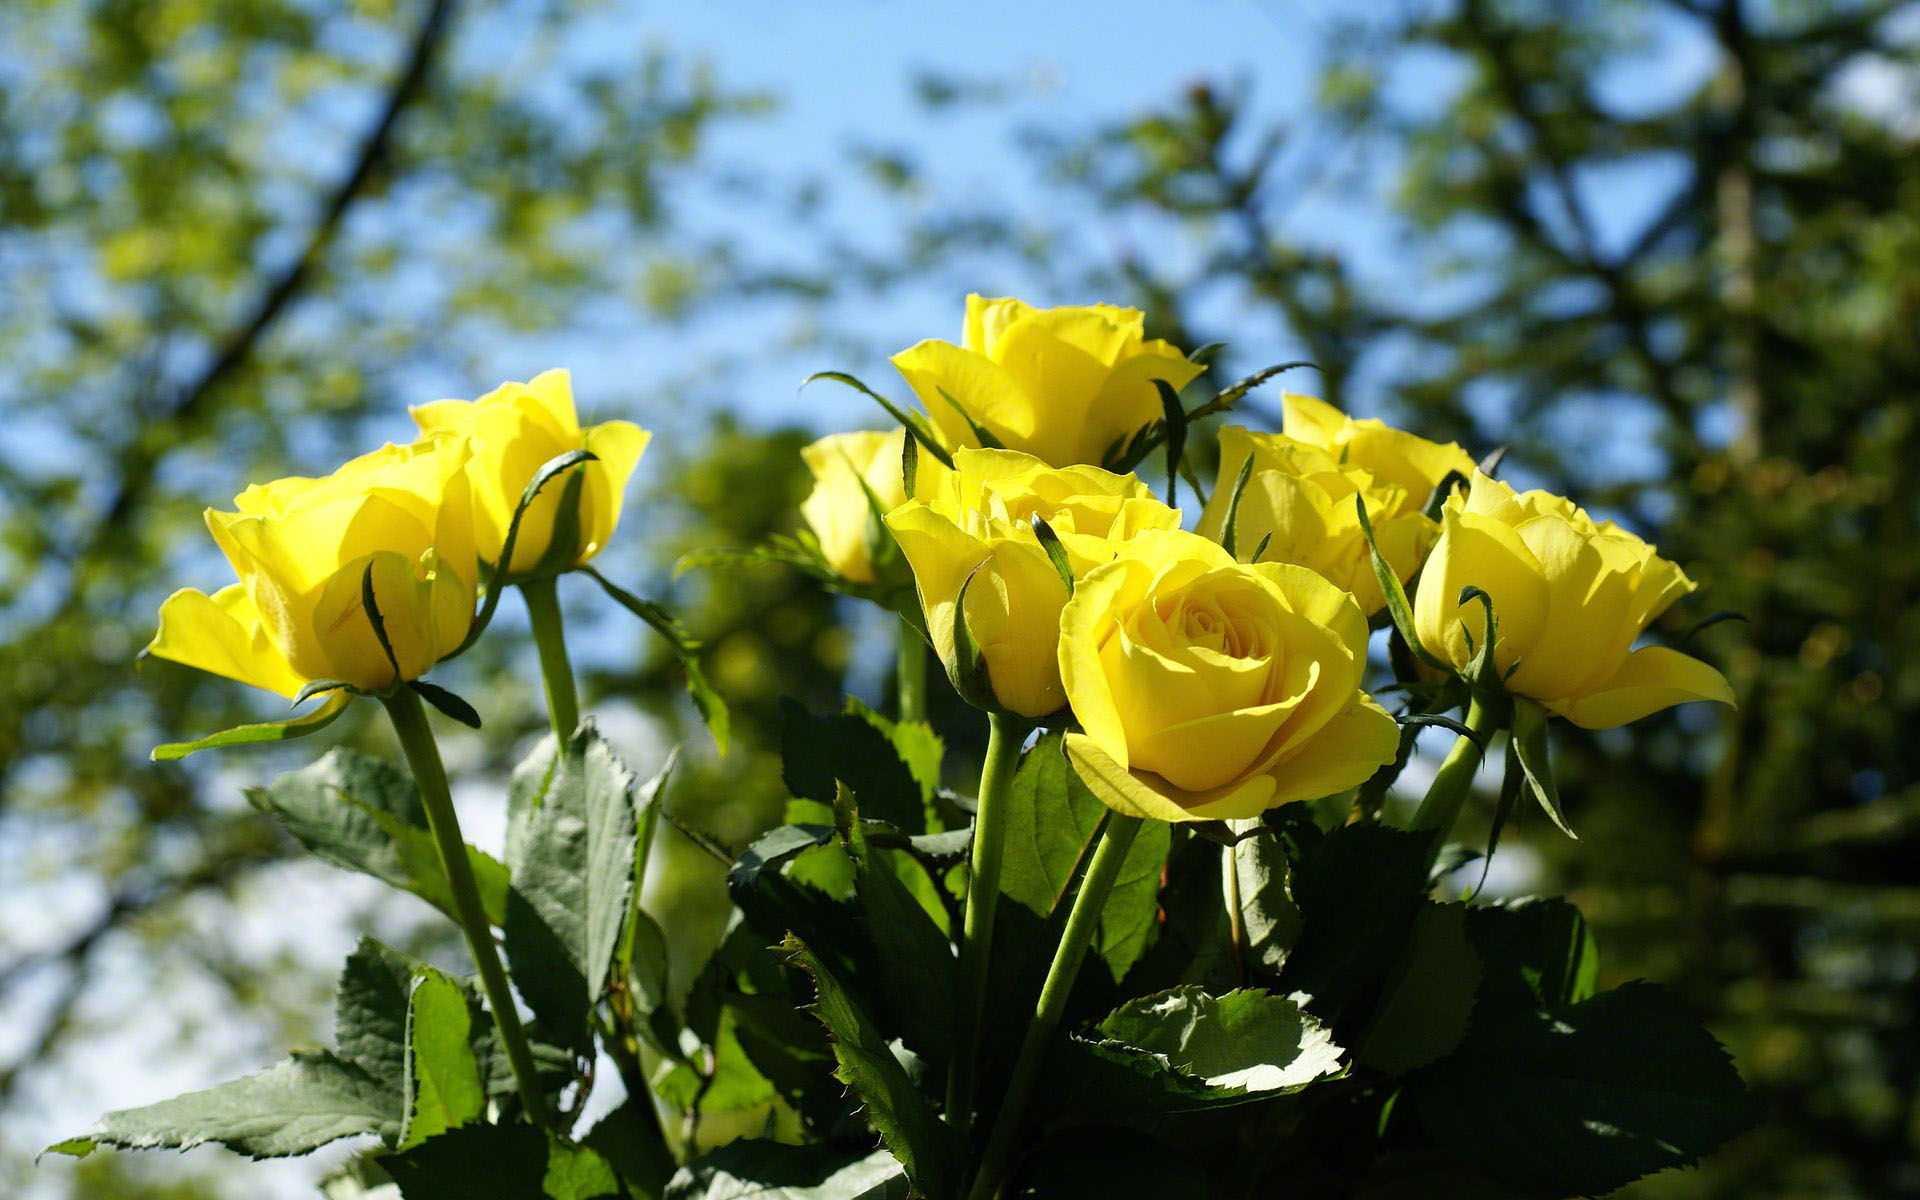 hình ảnh đẹp hoa hồng vàng 3